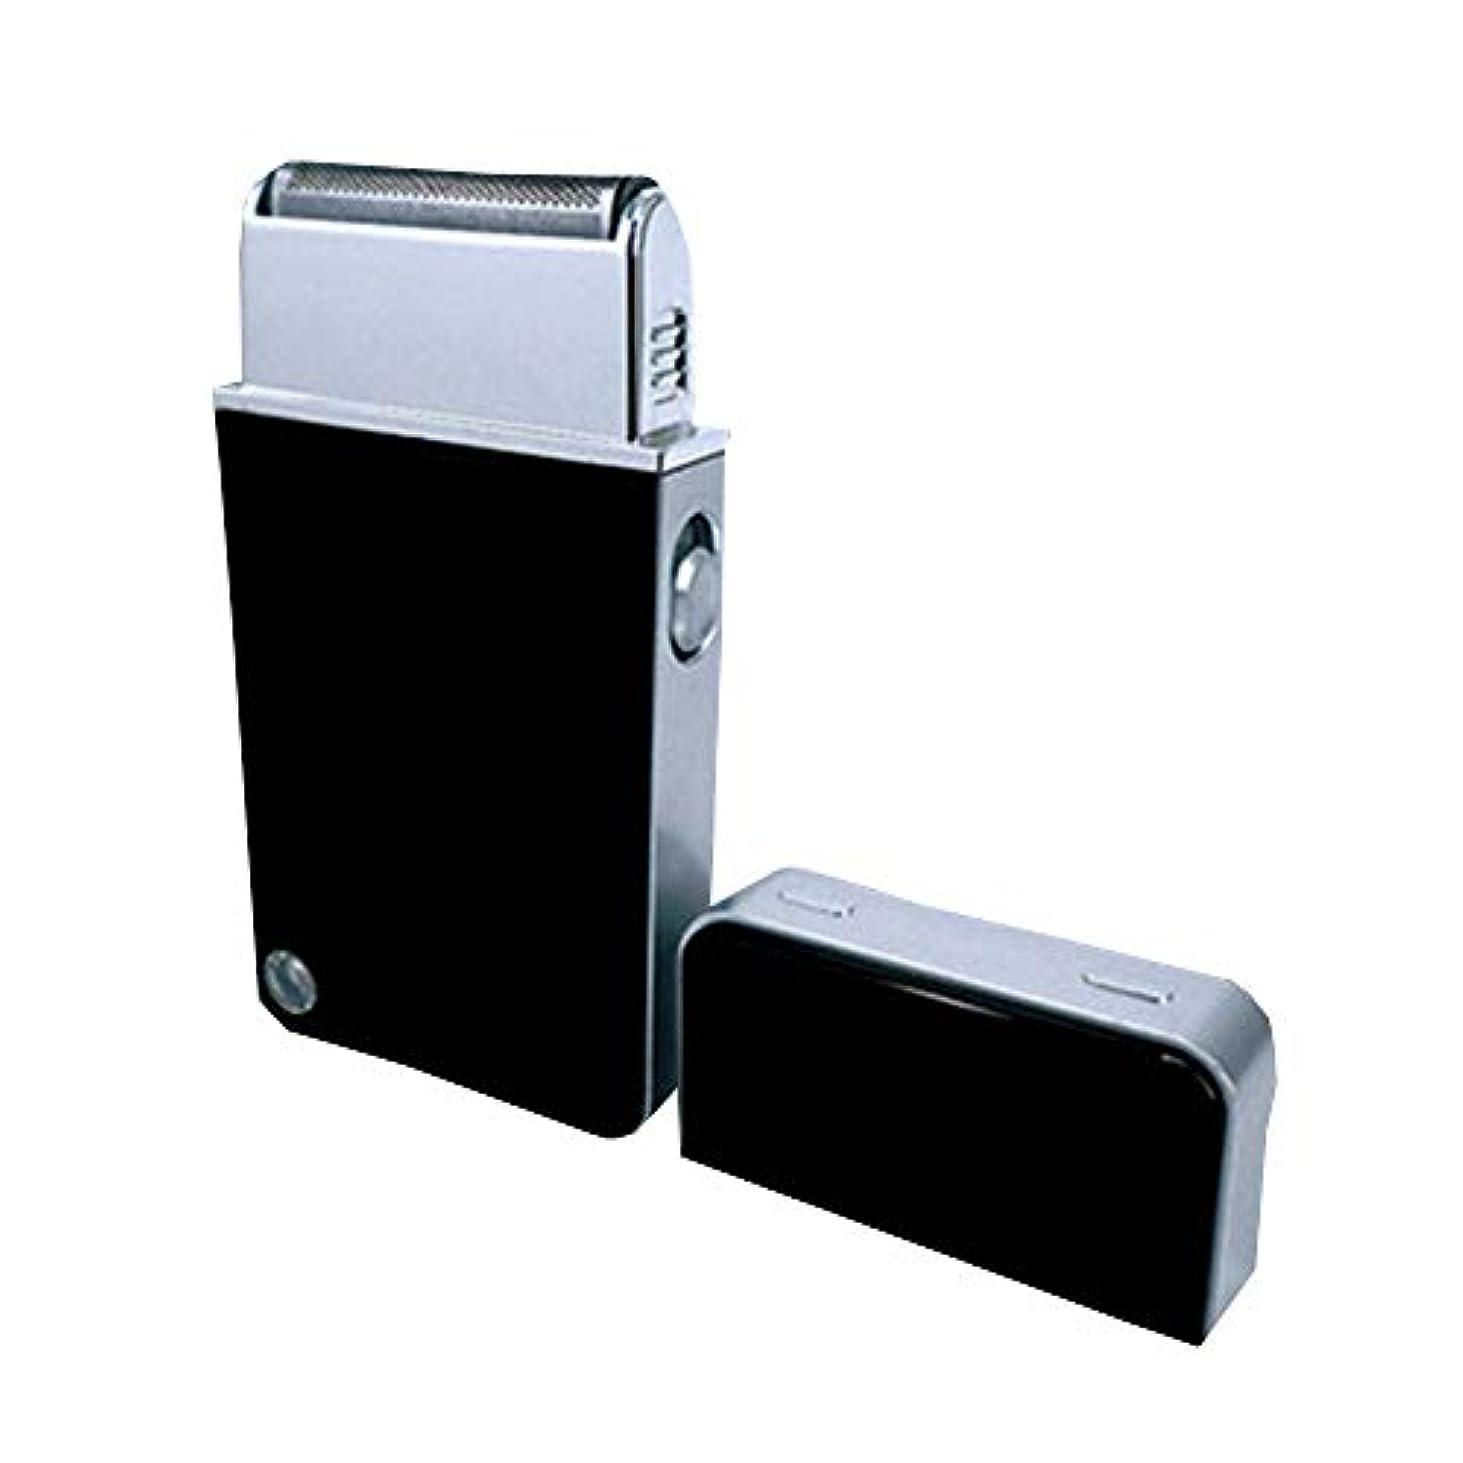 視聴者クーポンメディカルシェーバー メンズ 髭剃り USB充電式 電気シェーバー 男性 電動 旅行用 ひげ剃り ひげそり コンパクト